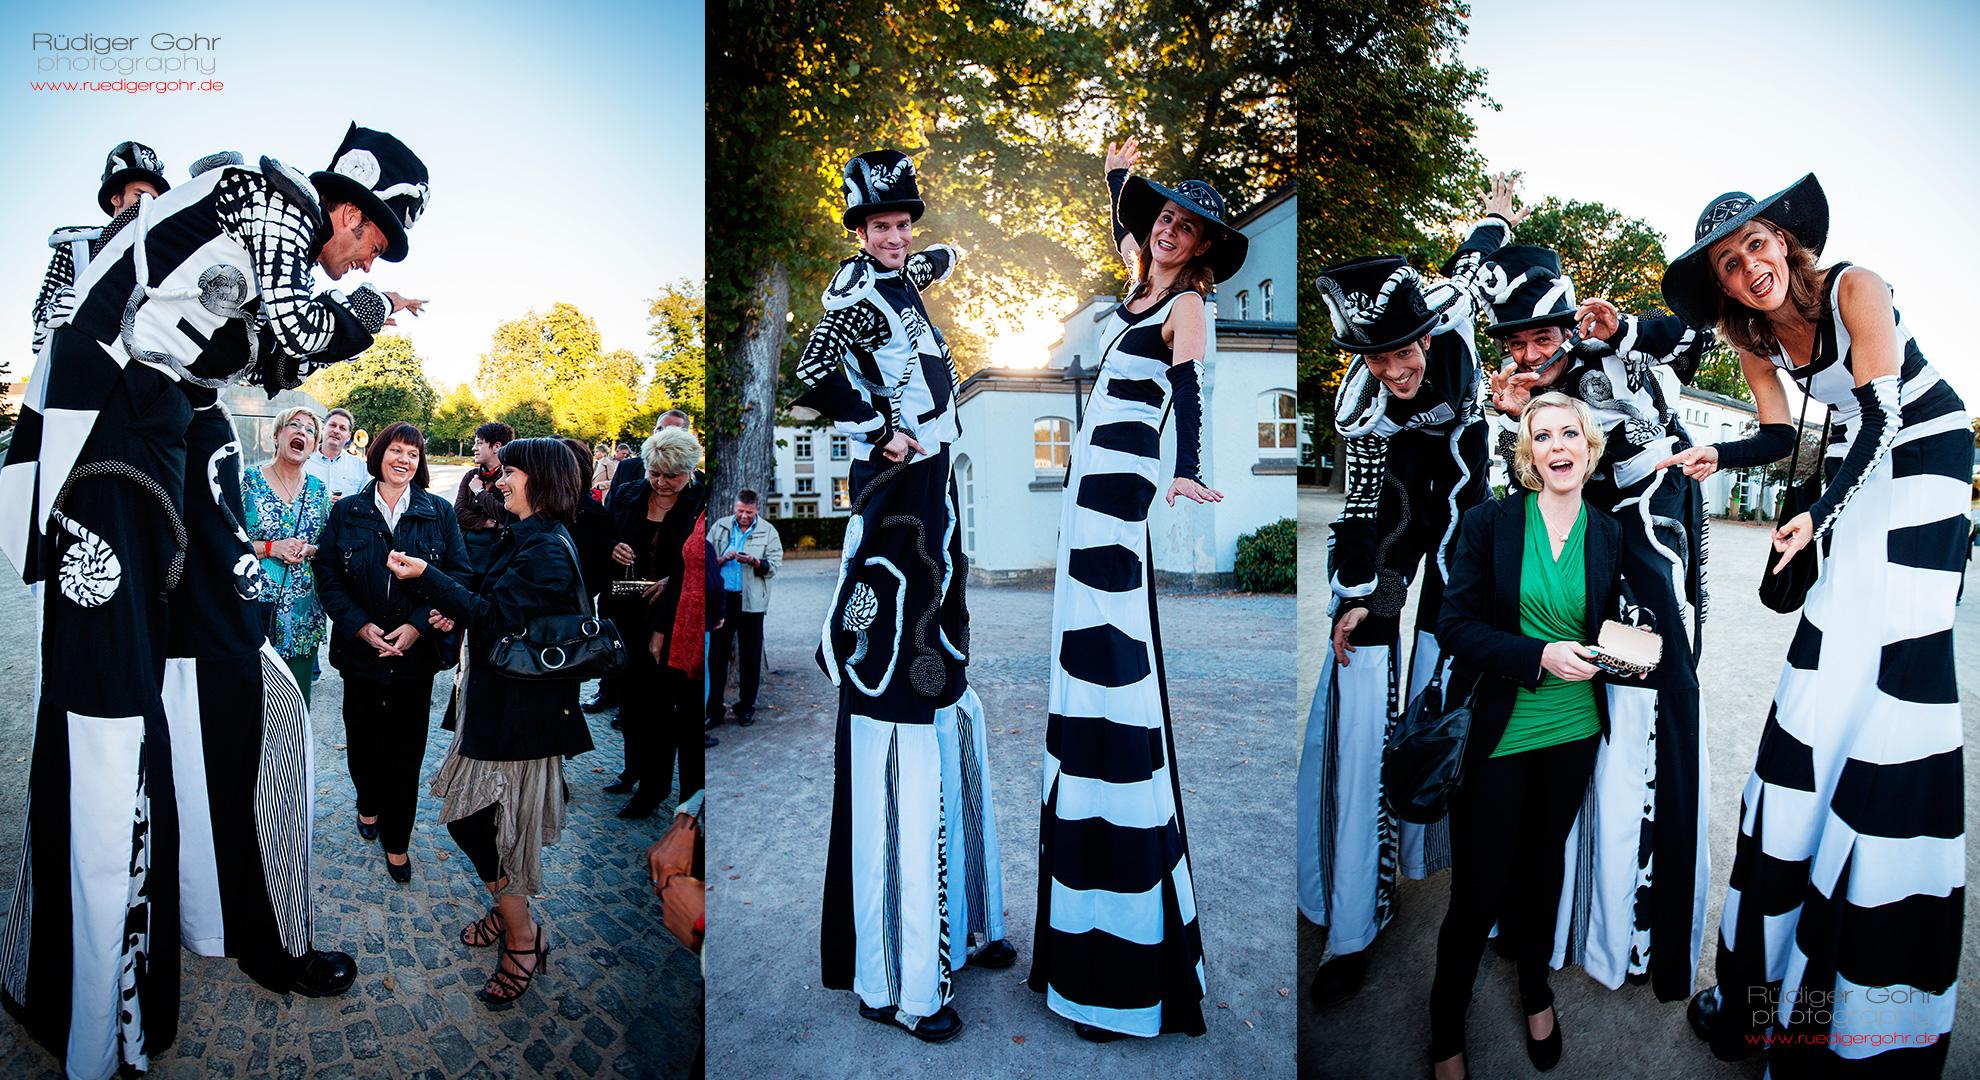 Eventfotografie NRW … Ihr Veranstaltungsfotograf für ganz NRW